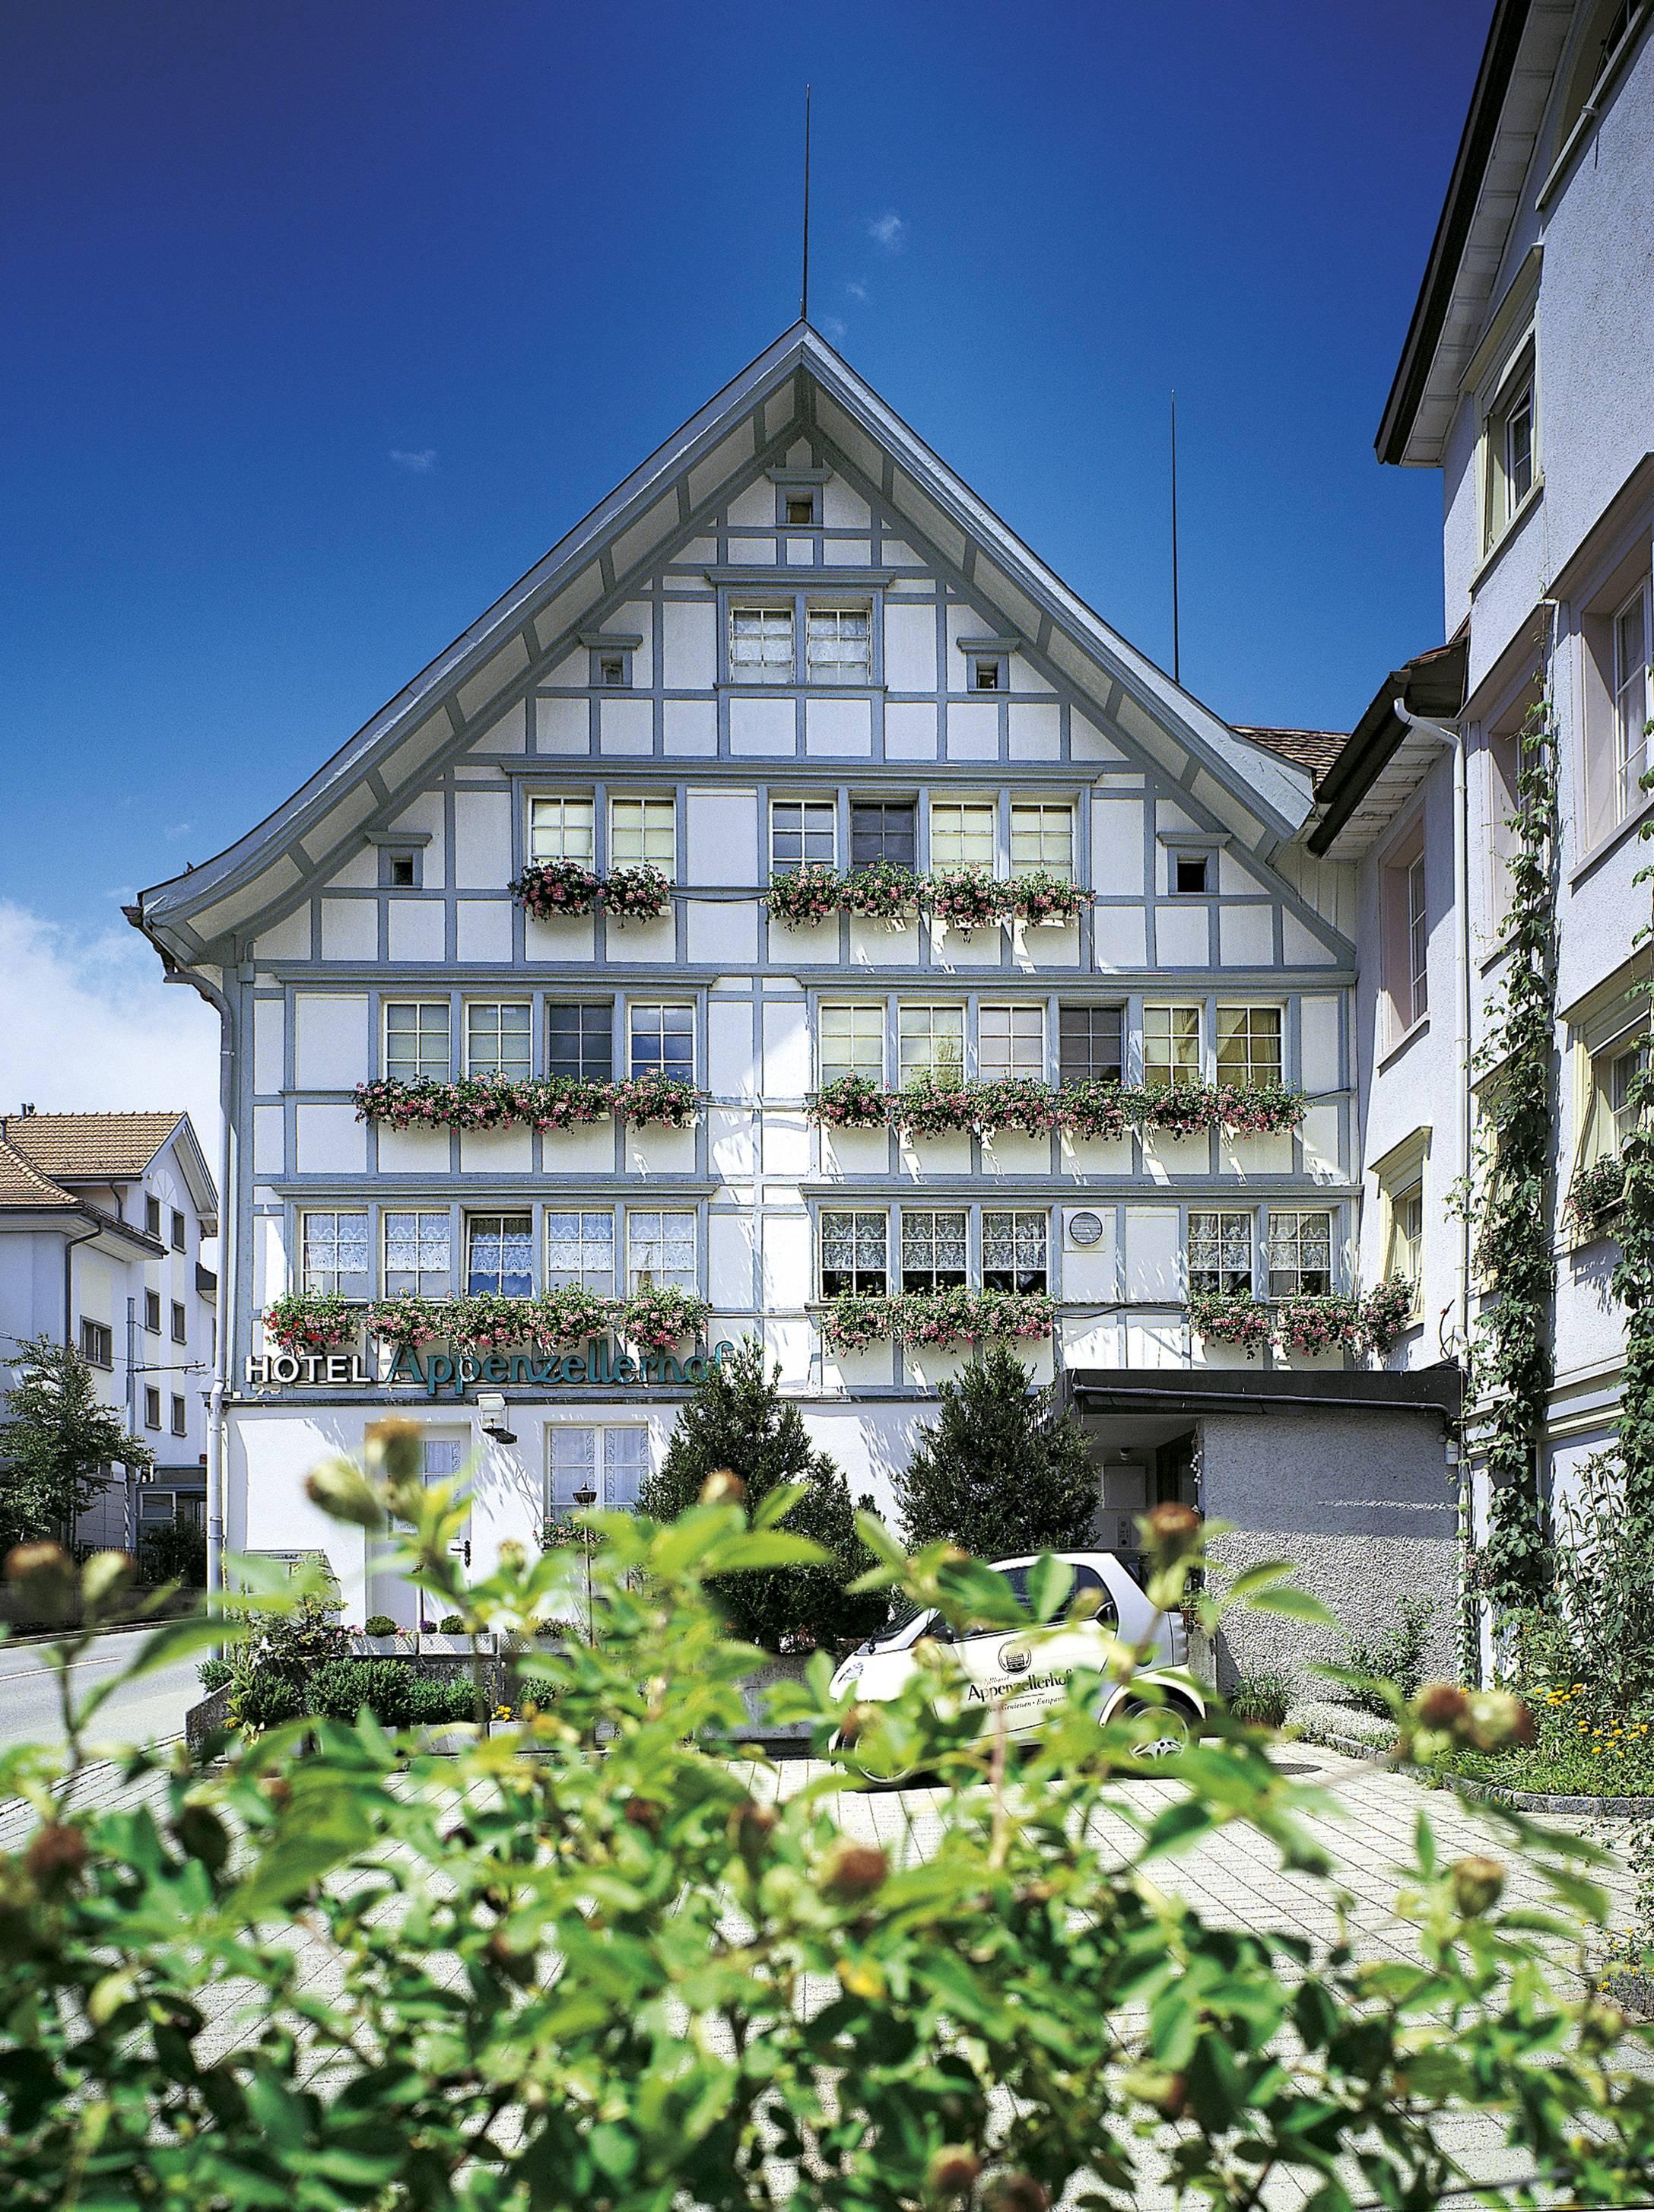 Hotel appenzellerhof in speicher holidaycheck kanton for Design hotel speicher 7